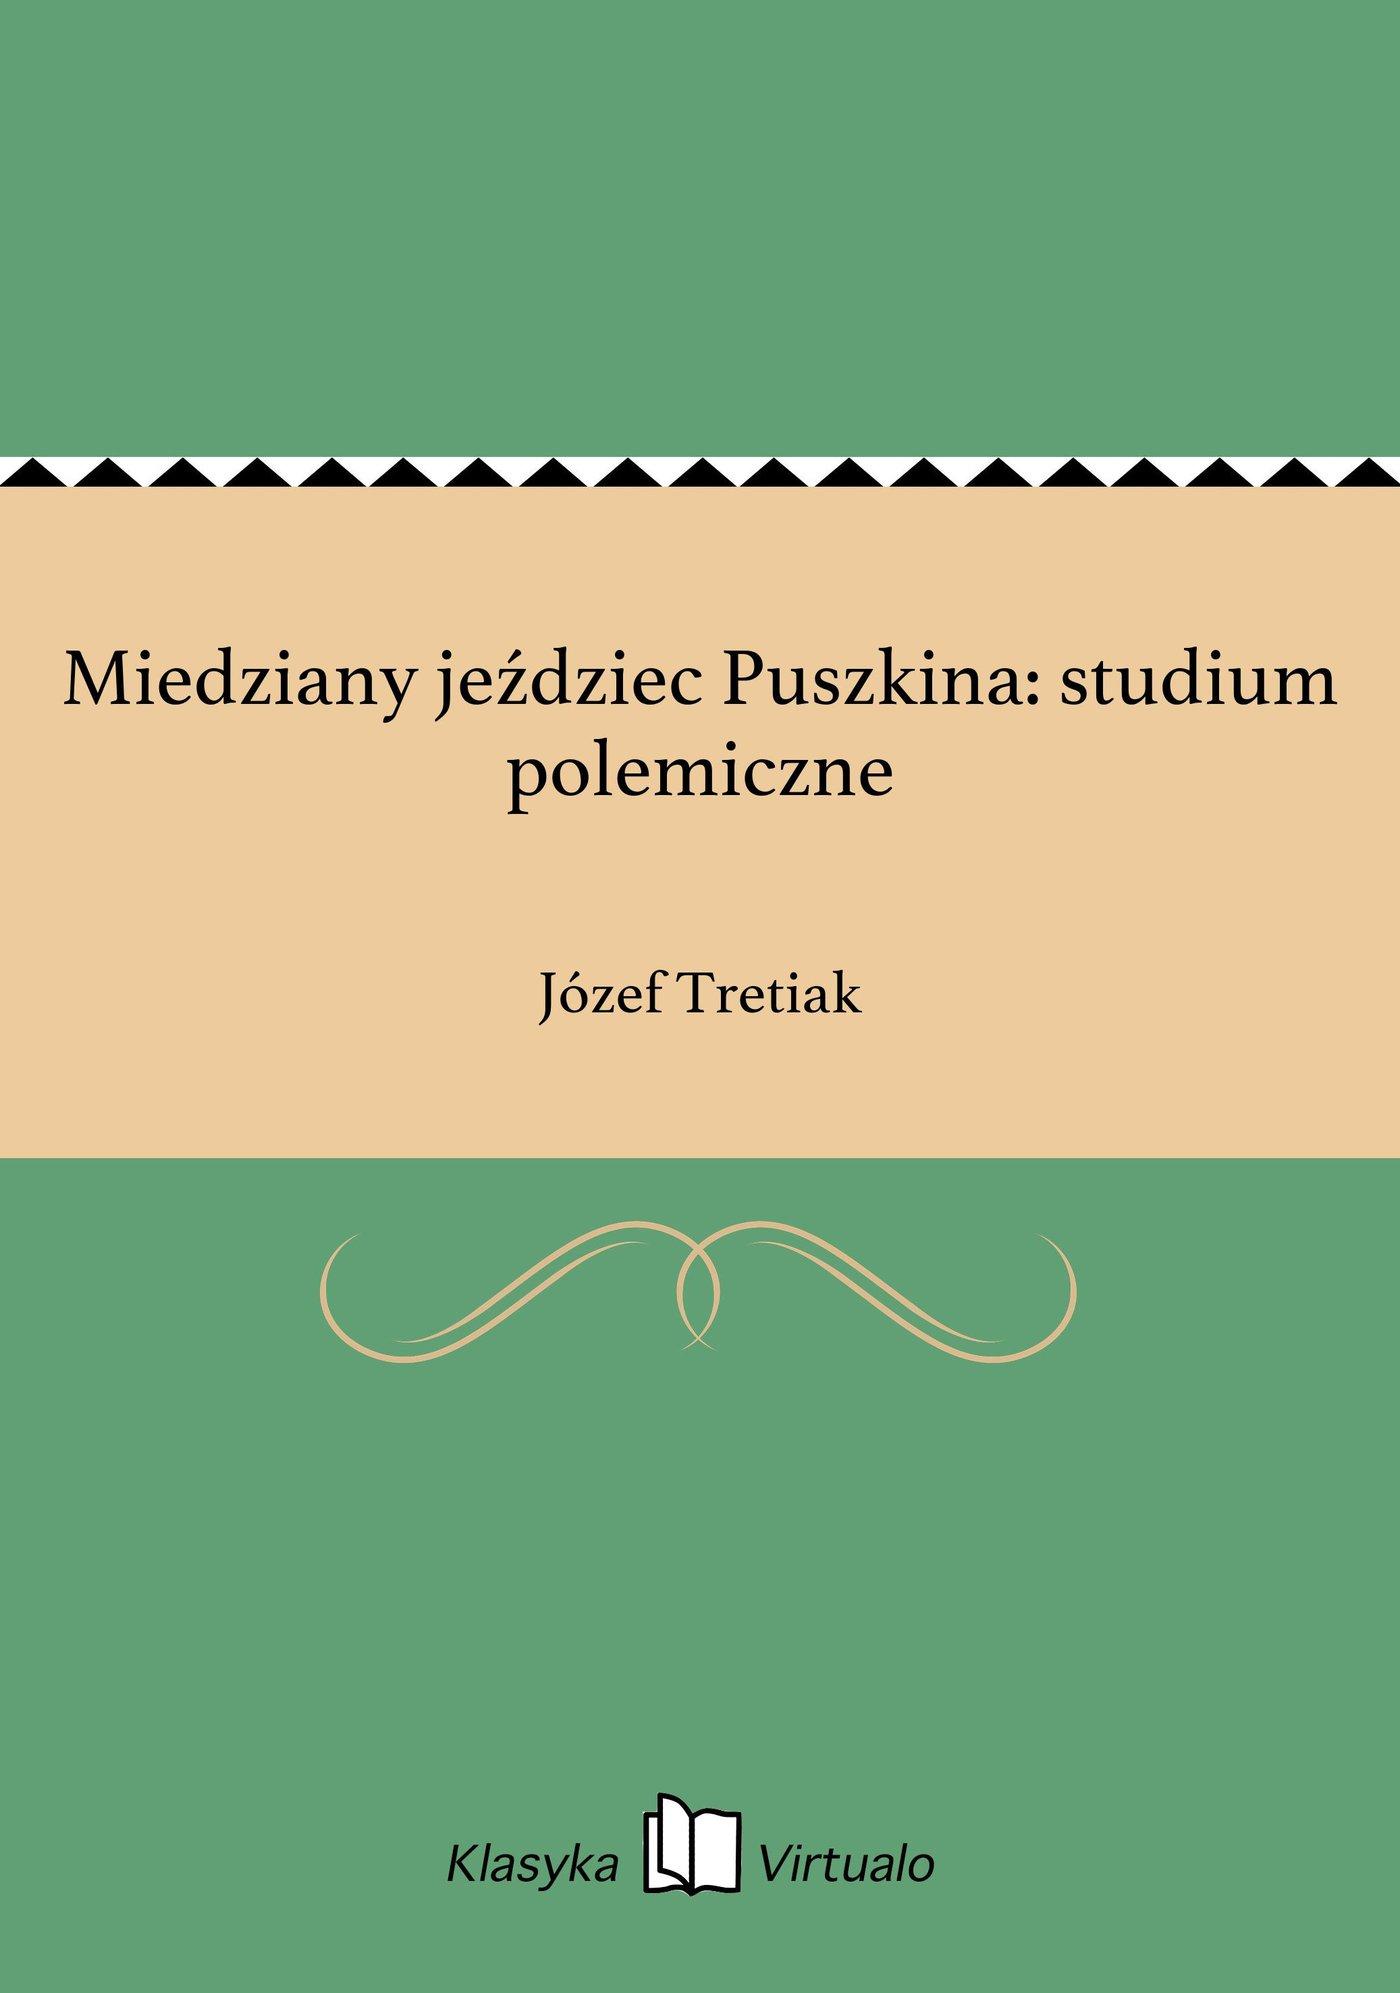 Miedziany jeździec Puszkina: studium polemiczne - Ebook (Książka na Kindle) do pobrania w formacie MOBI